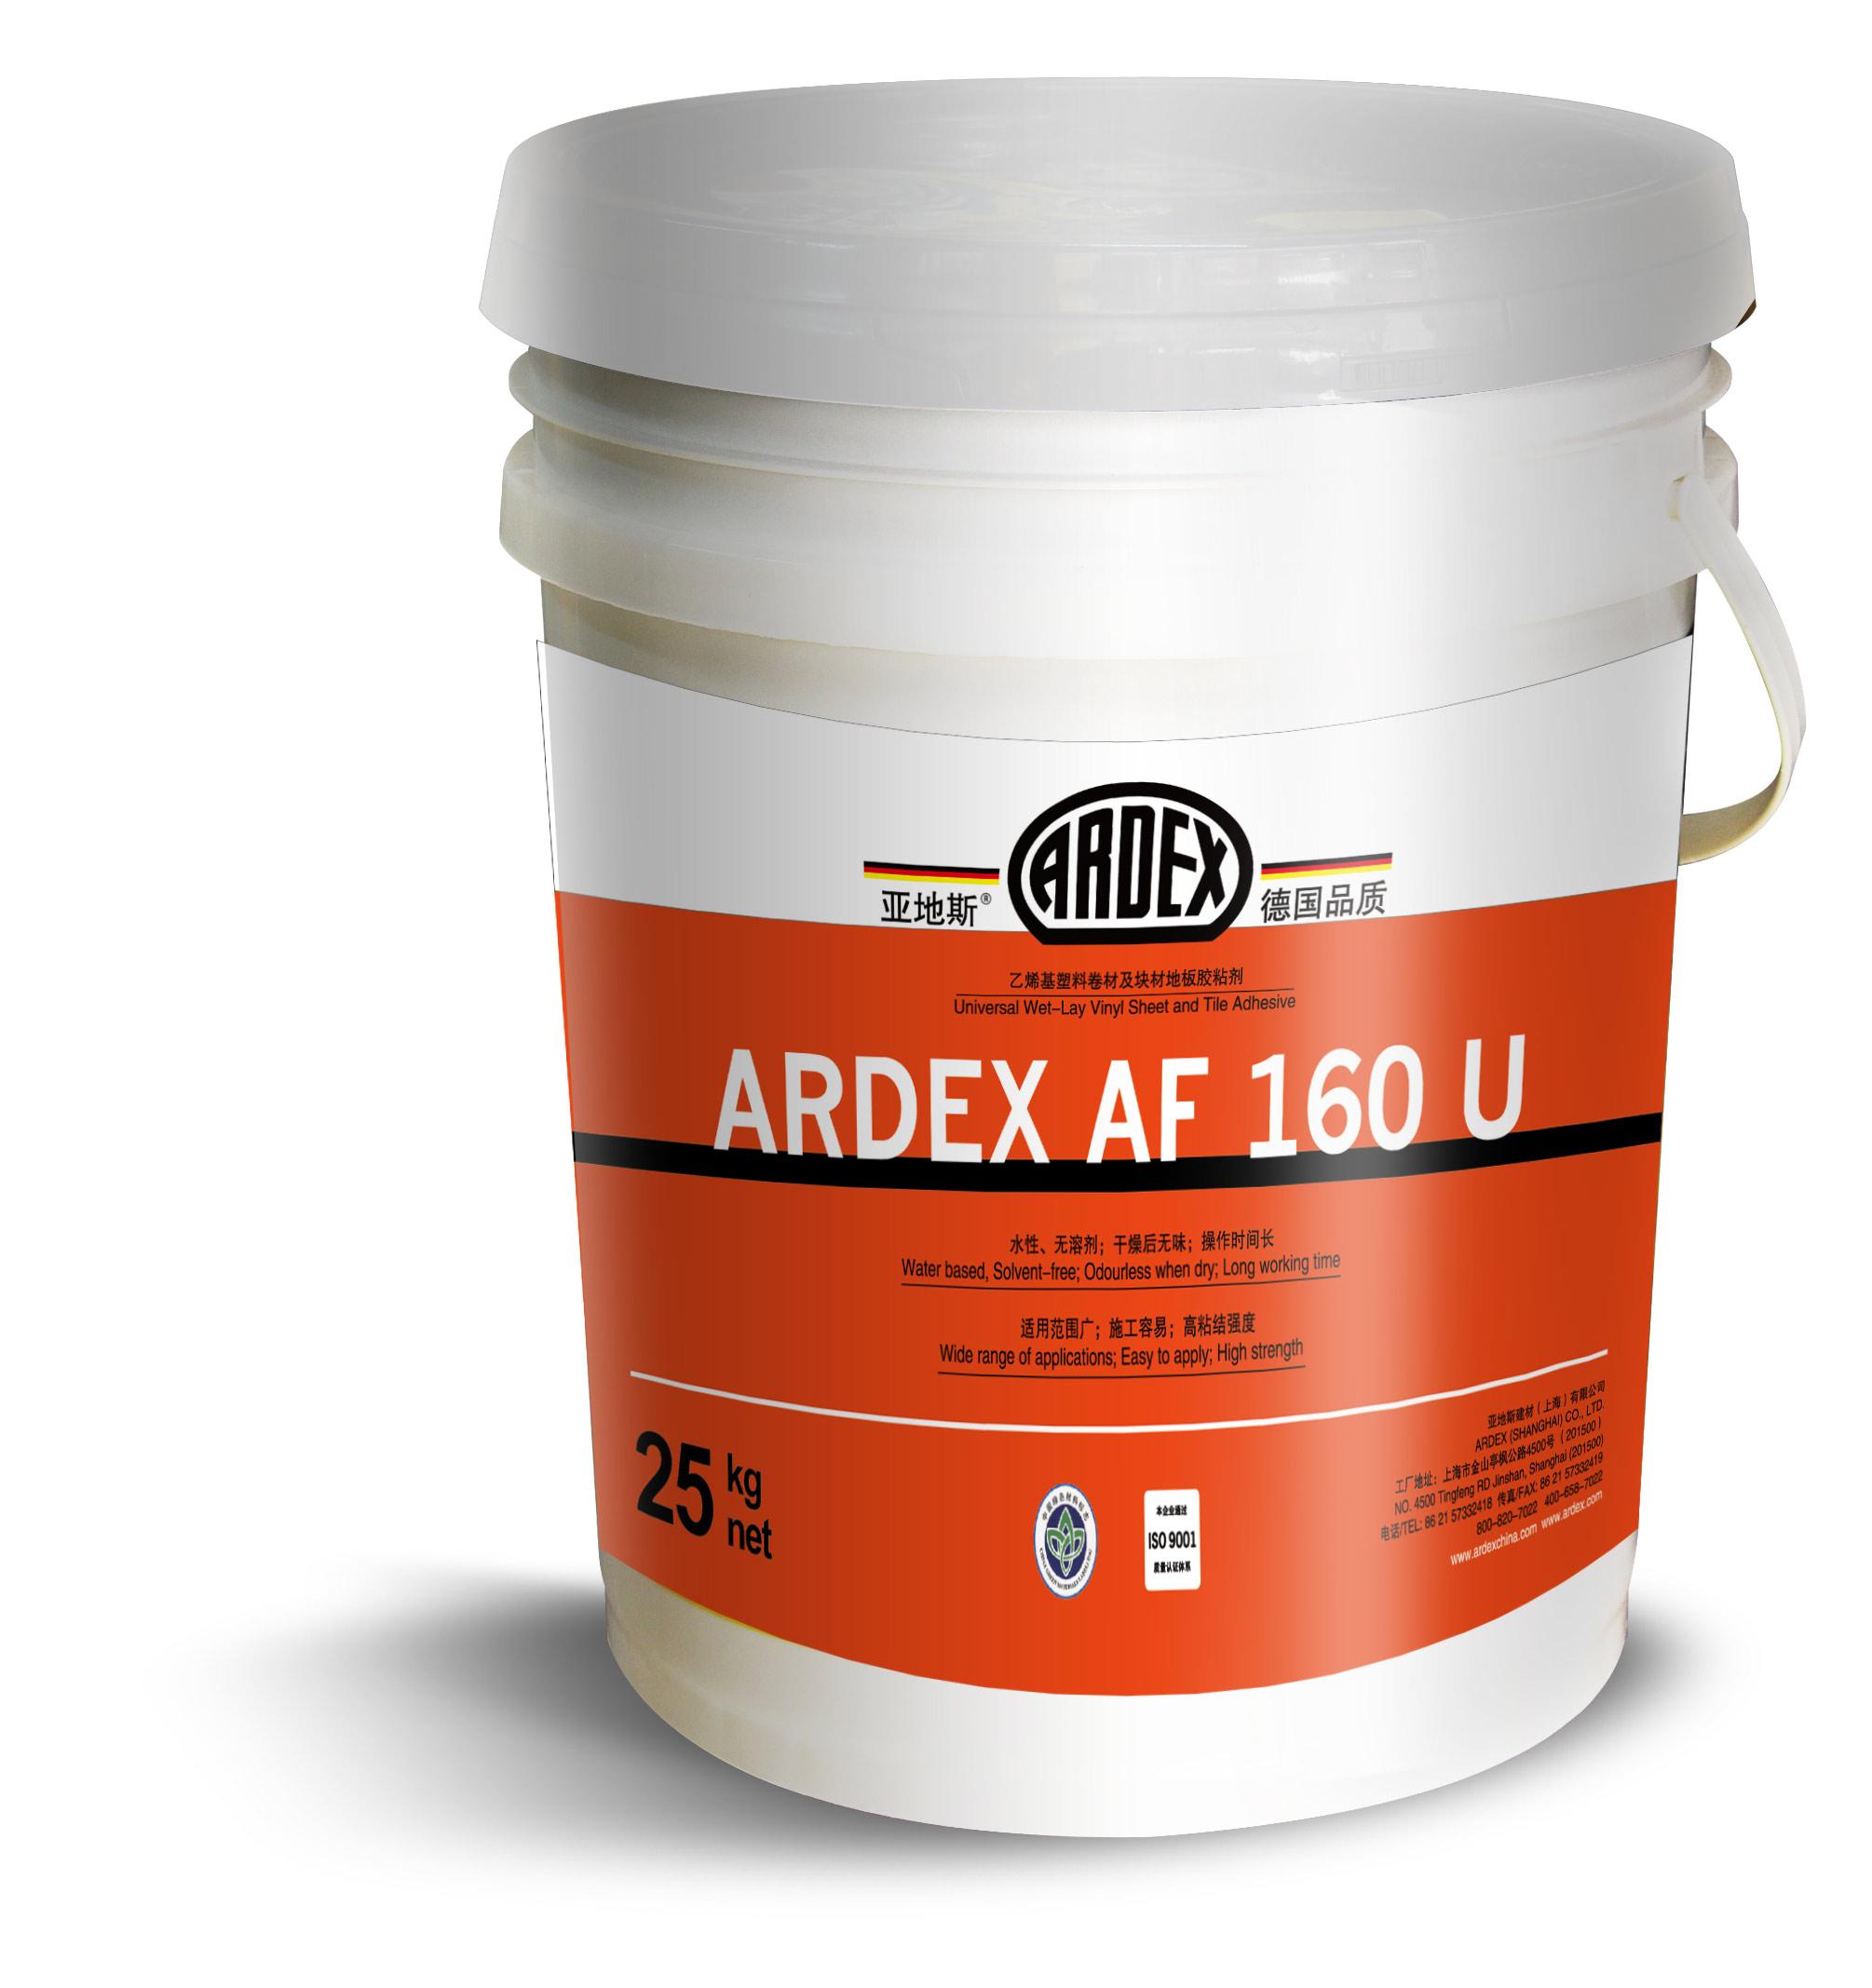 ARDEX AF 160 U